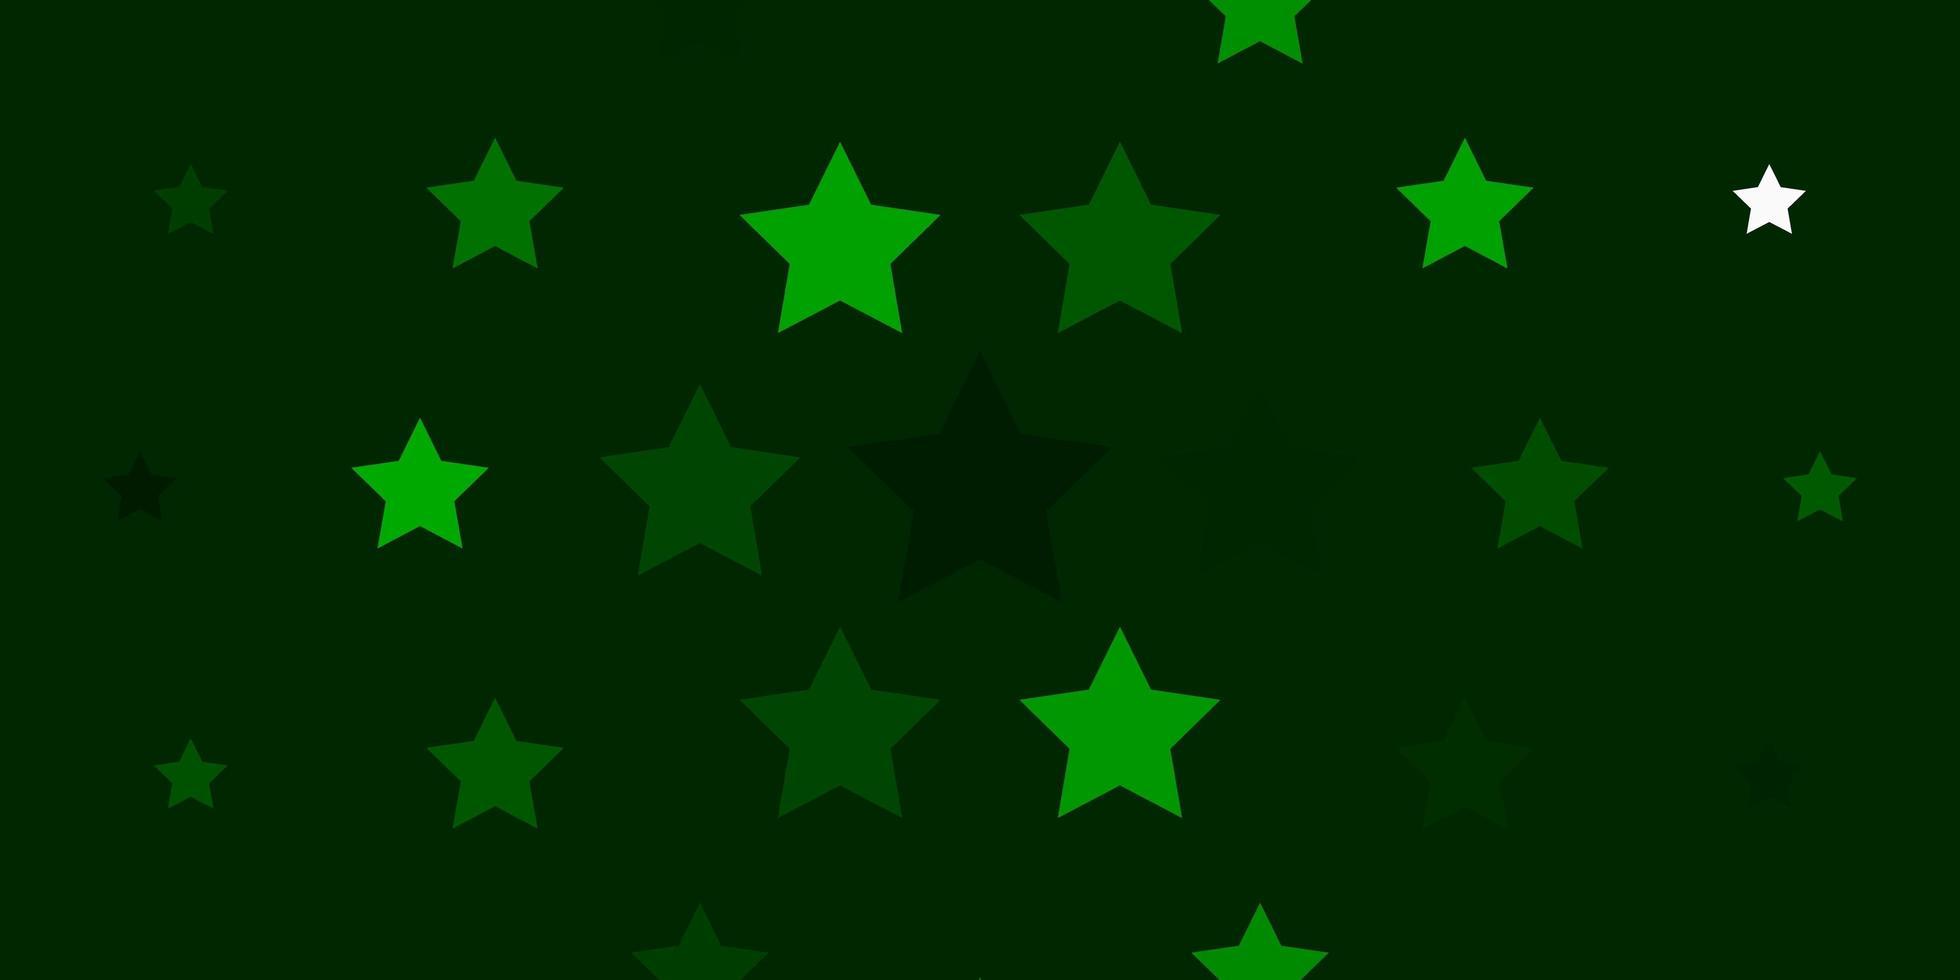 hellgrüne Schablone mit Neonsternen. vektor